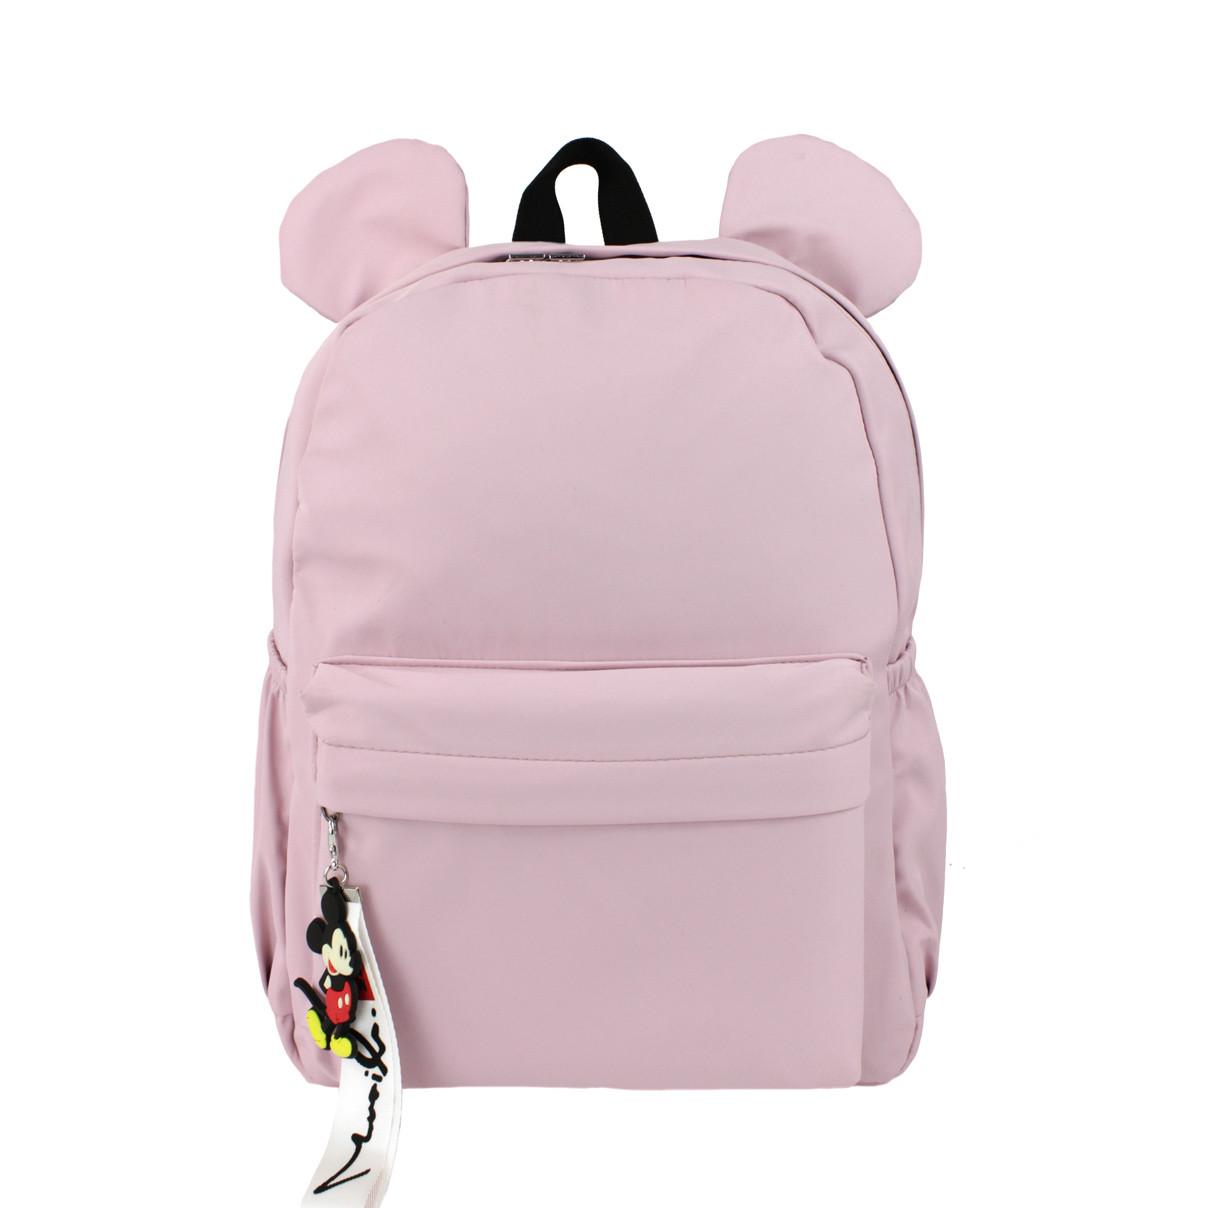 Дитячий Рюкзак для дівчаток тканинний Вушка рожевий (716815)